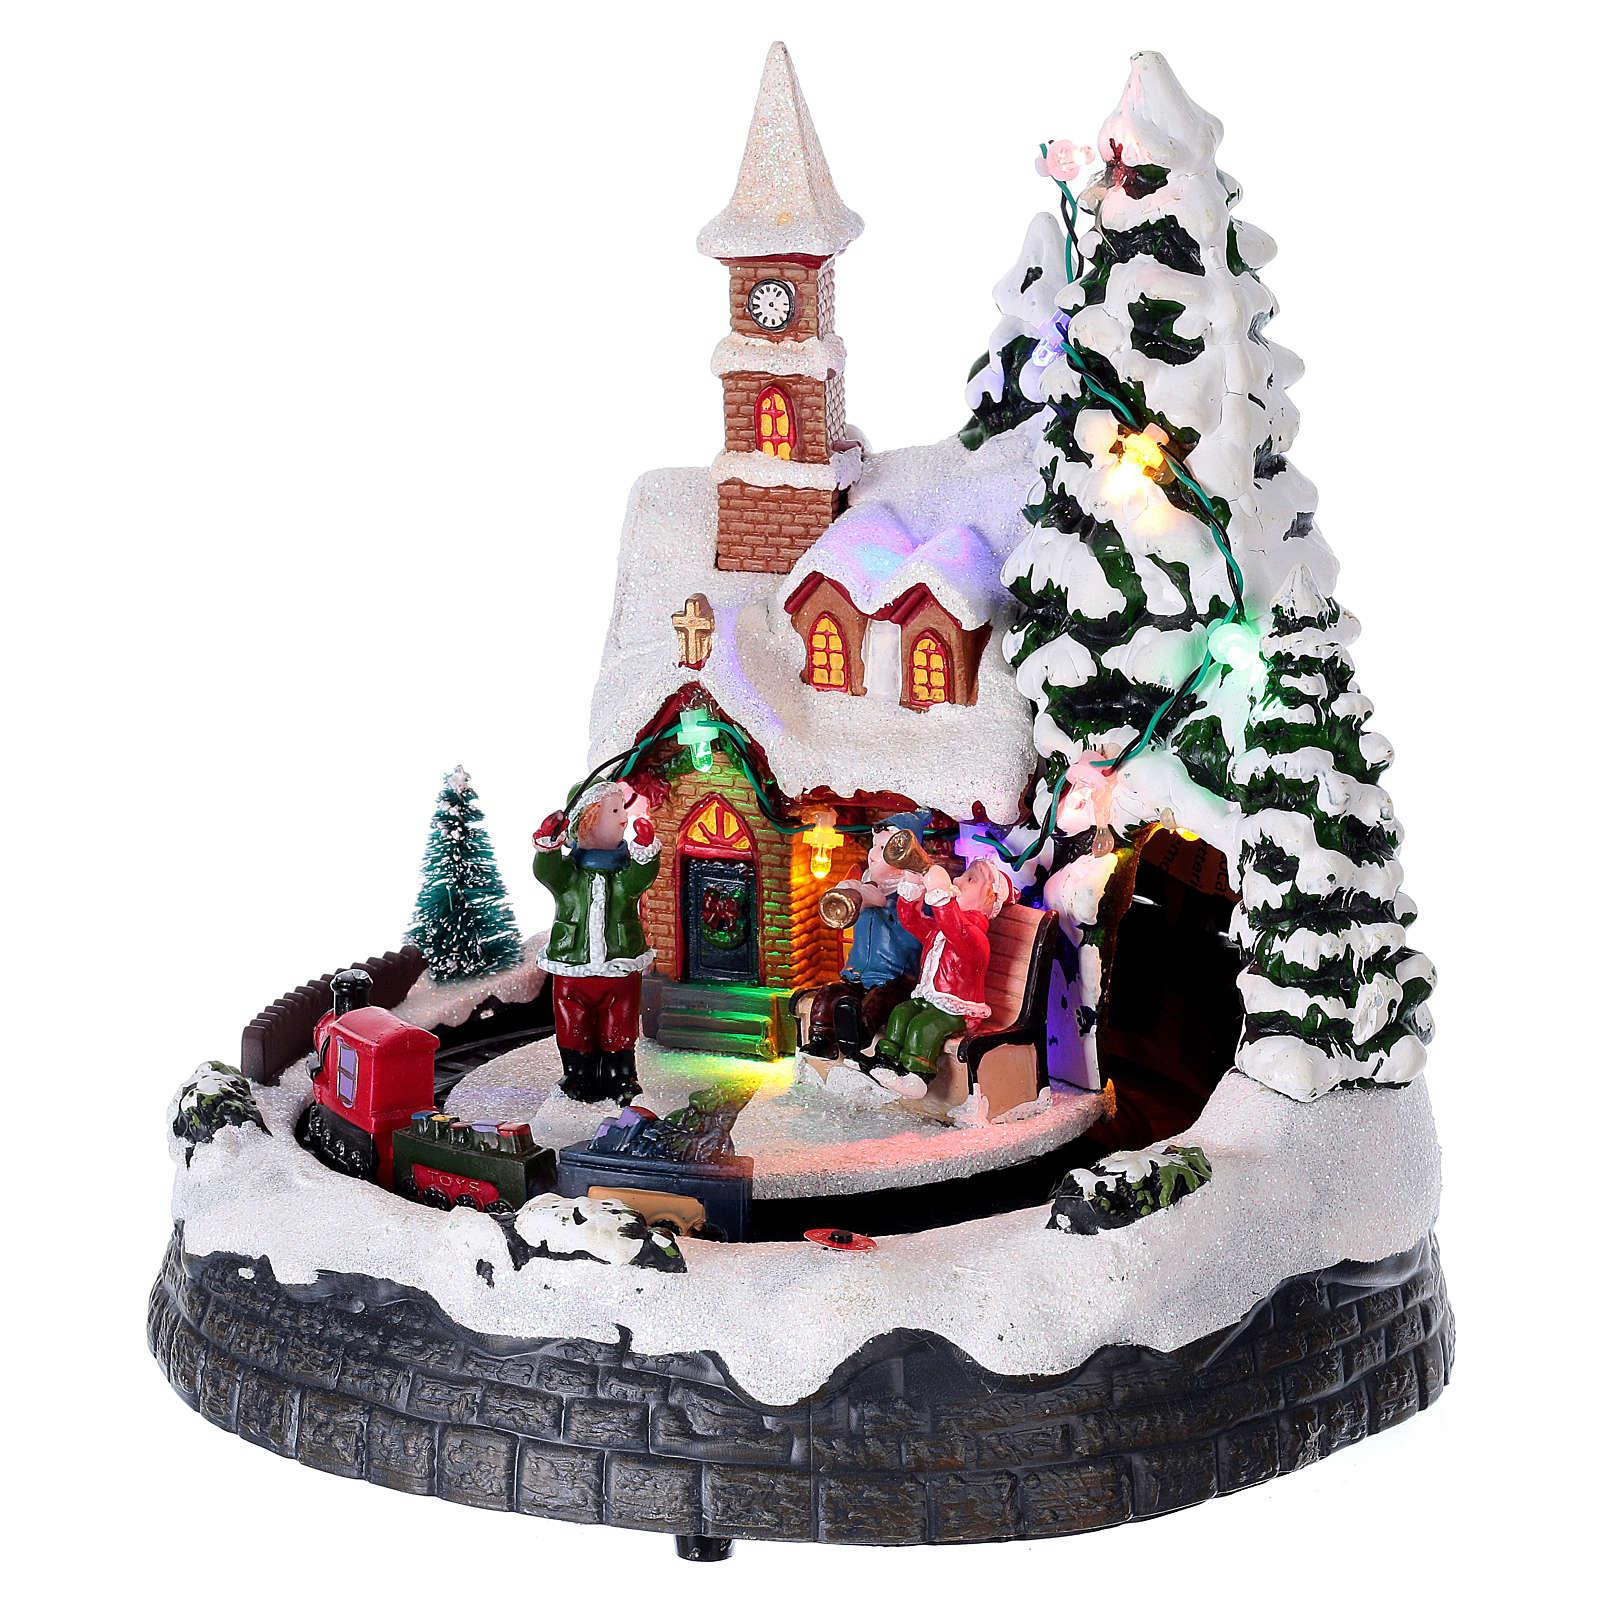 Village Noël illuminé musical mouvement train 20x19x18 cm 3